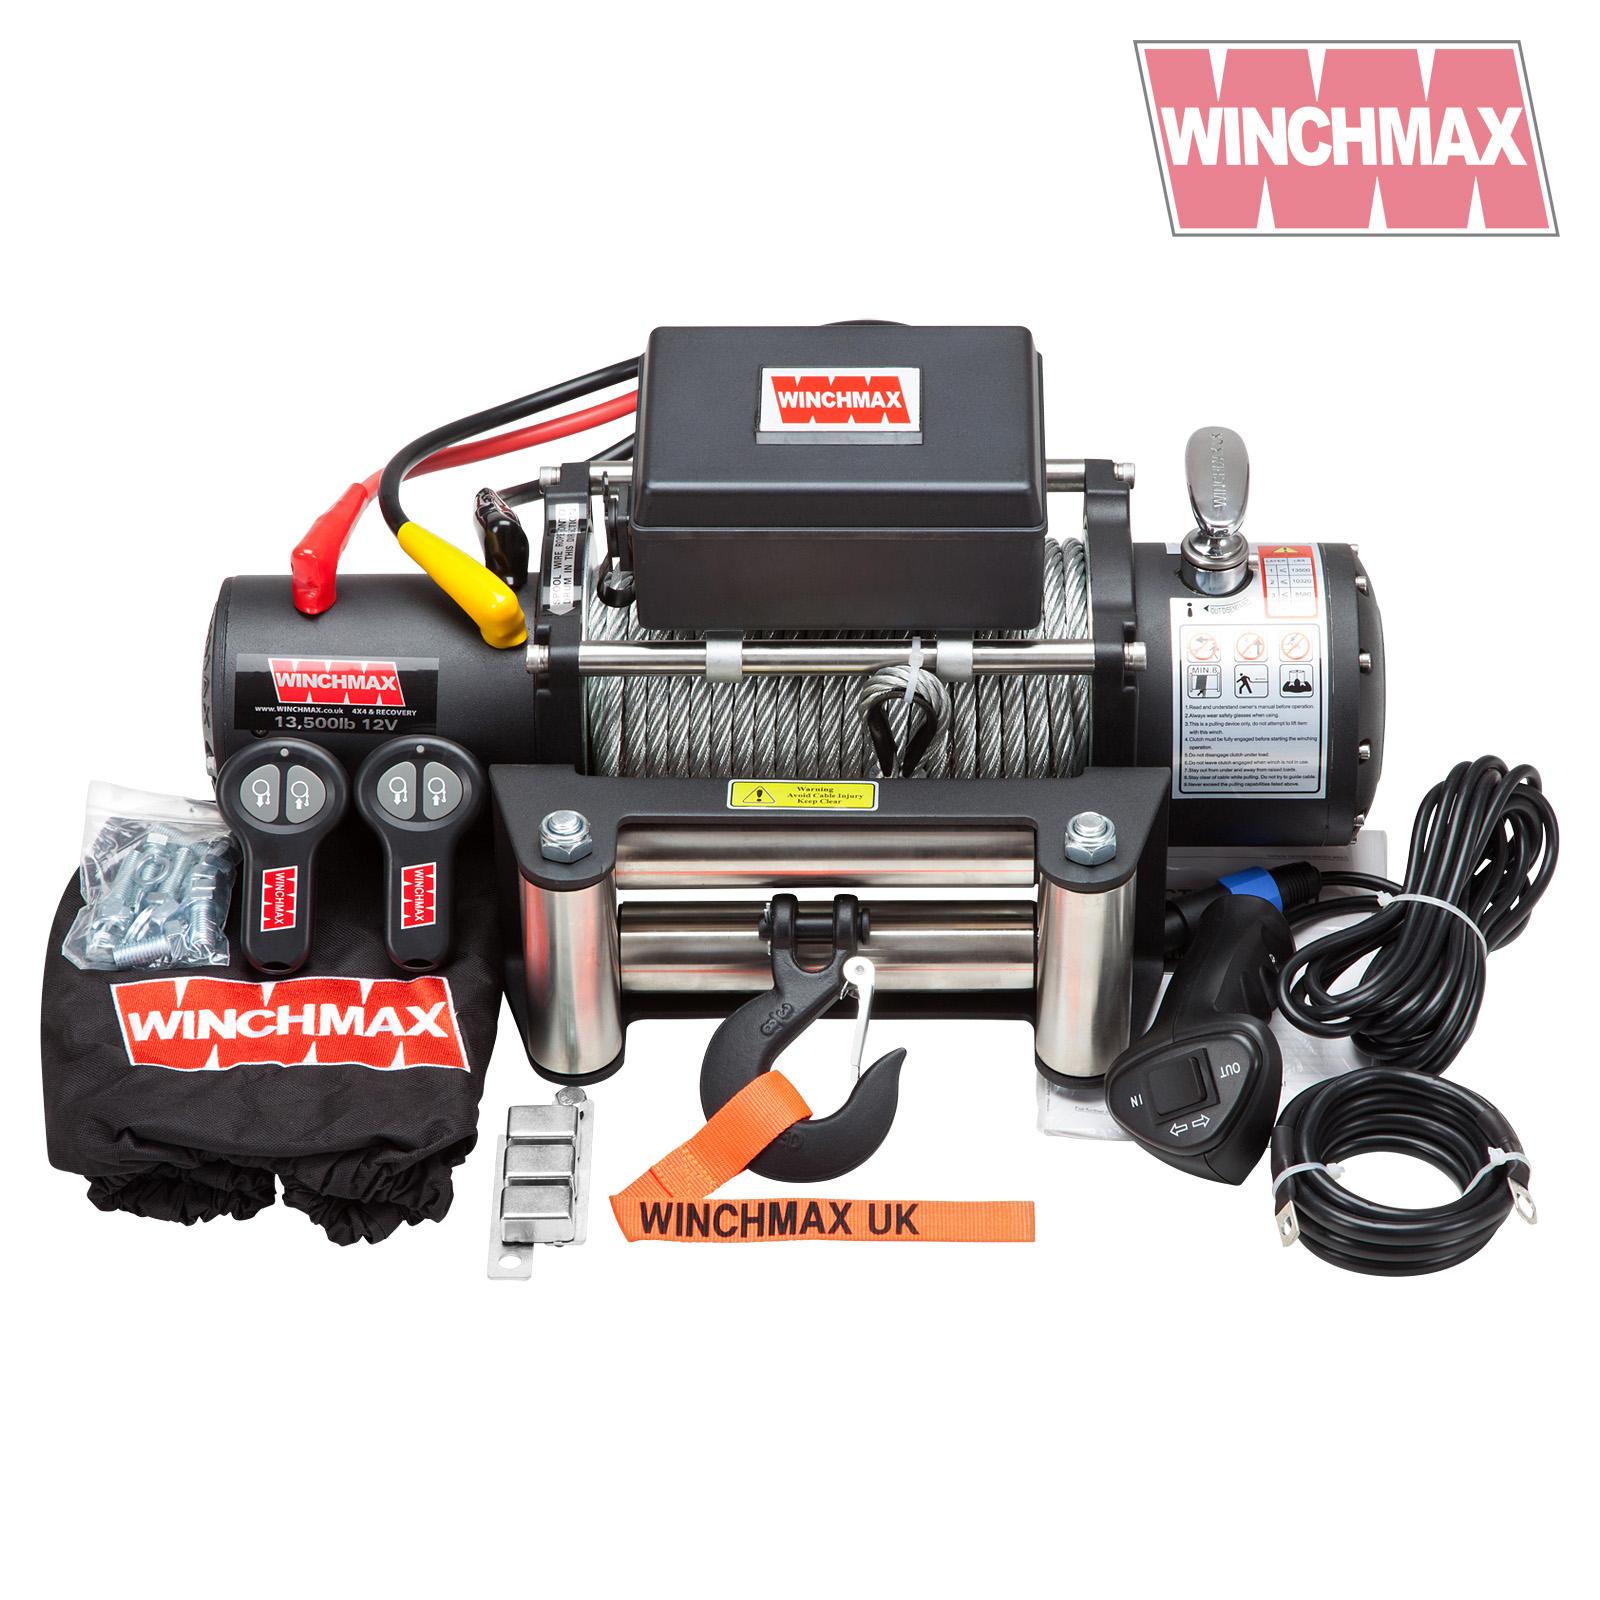 Wm1300012vmil winchmax 175